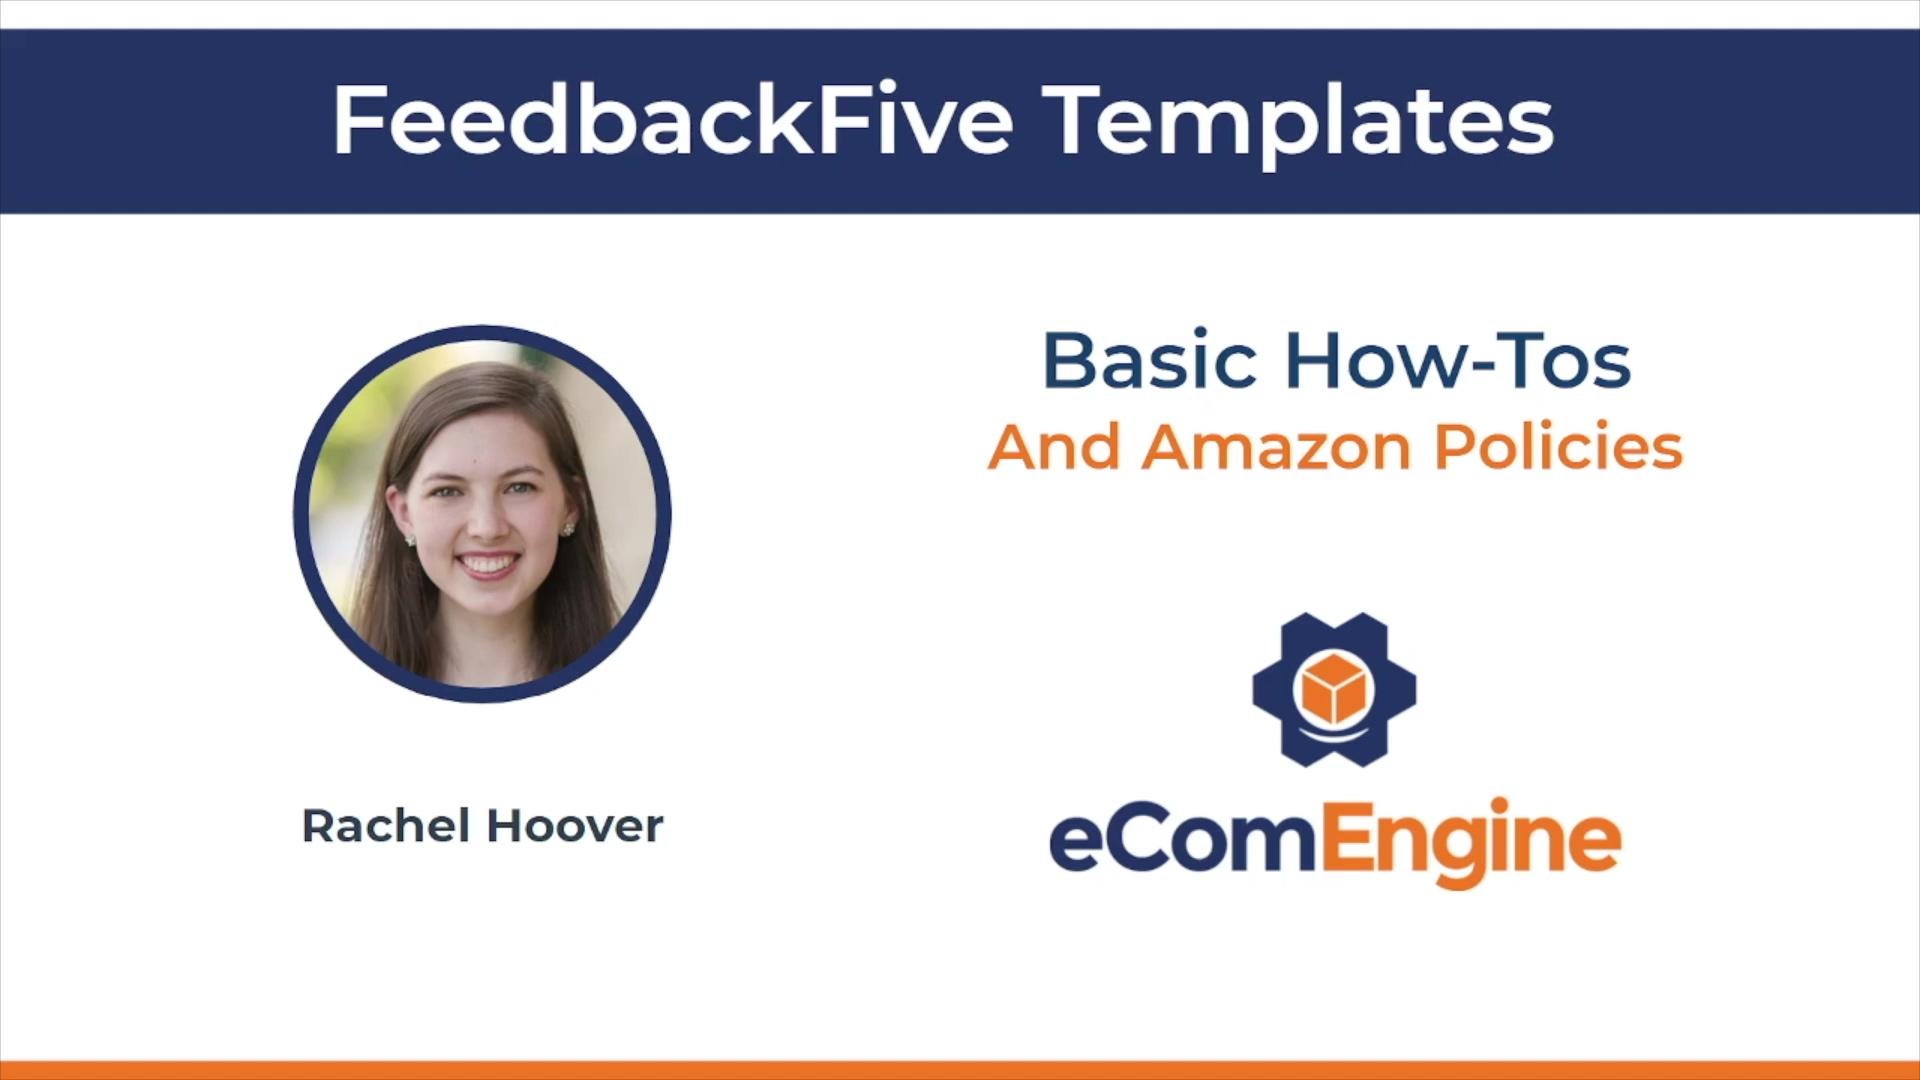 feedbackfive-templates